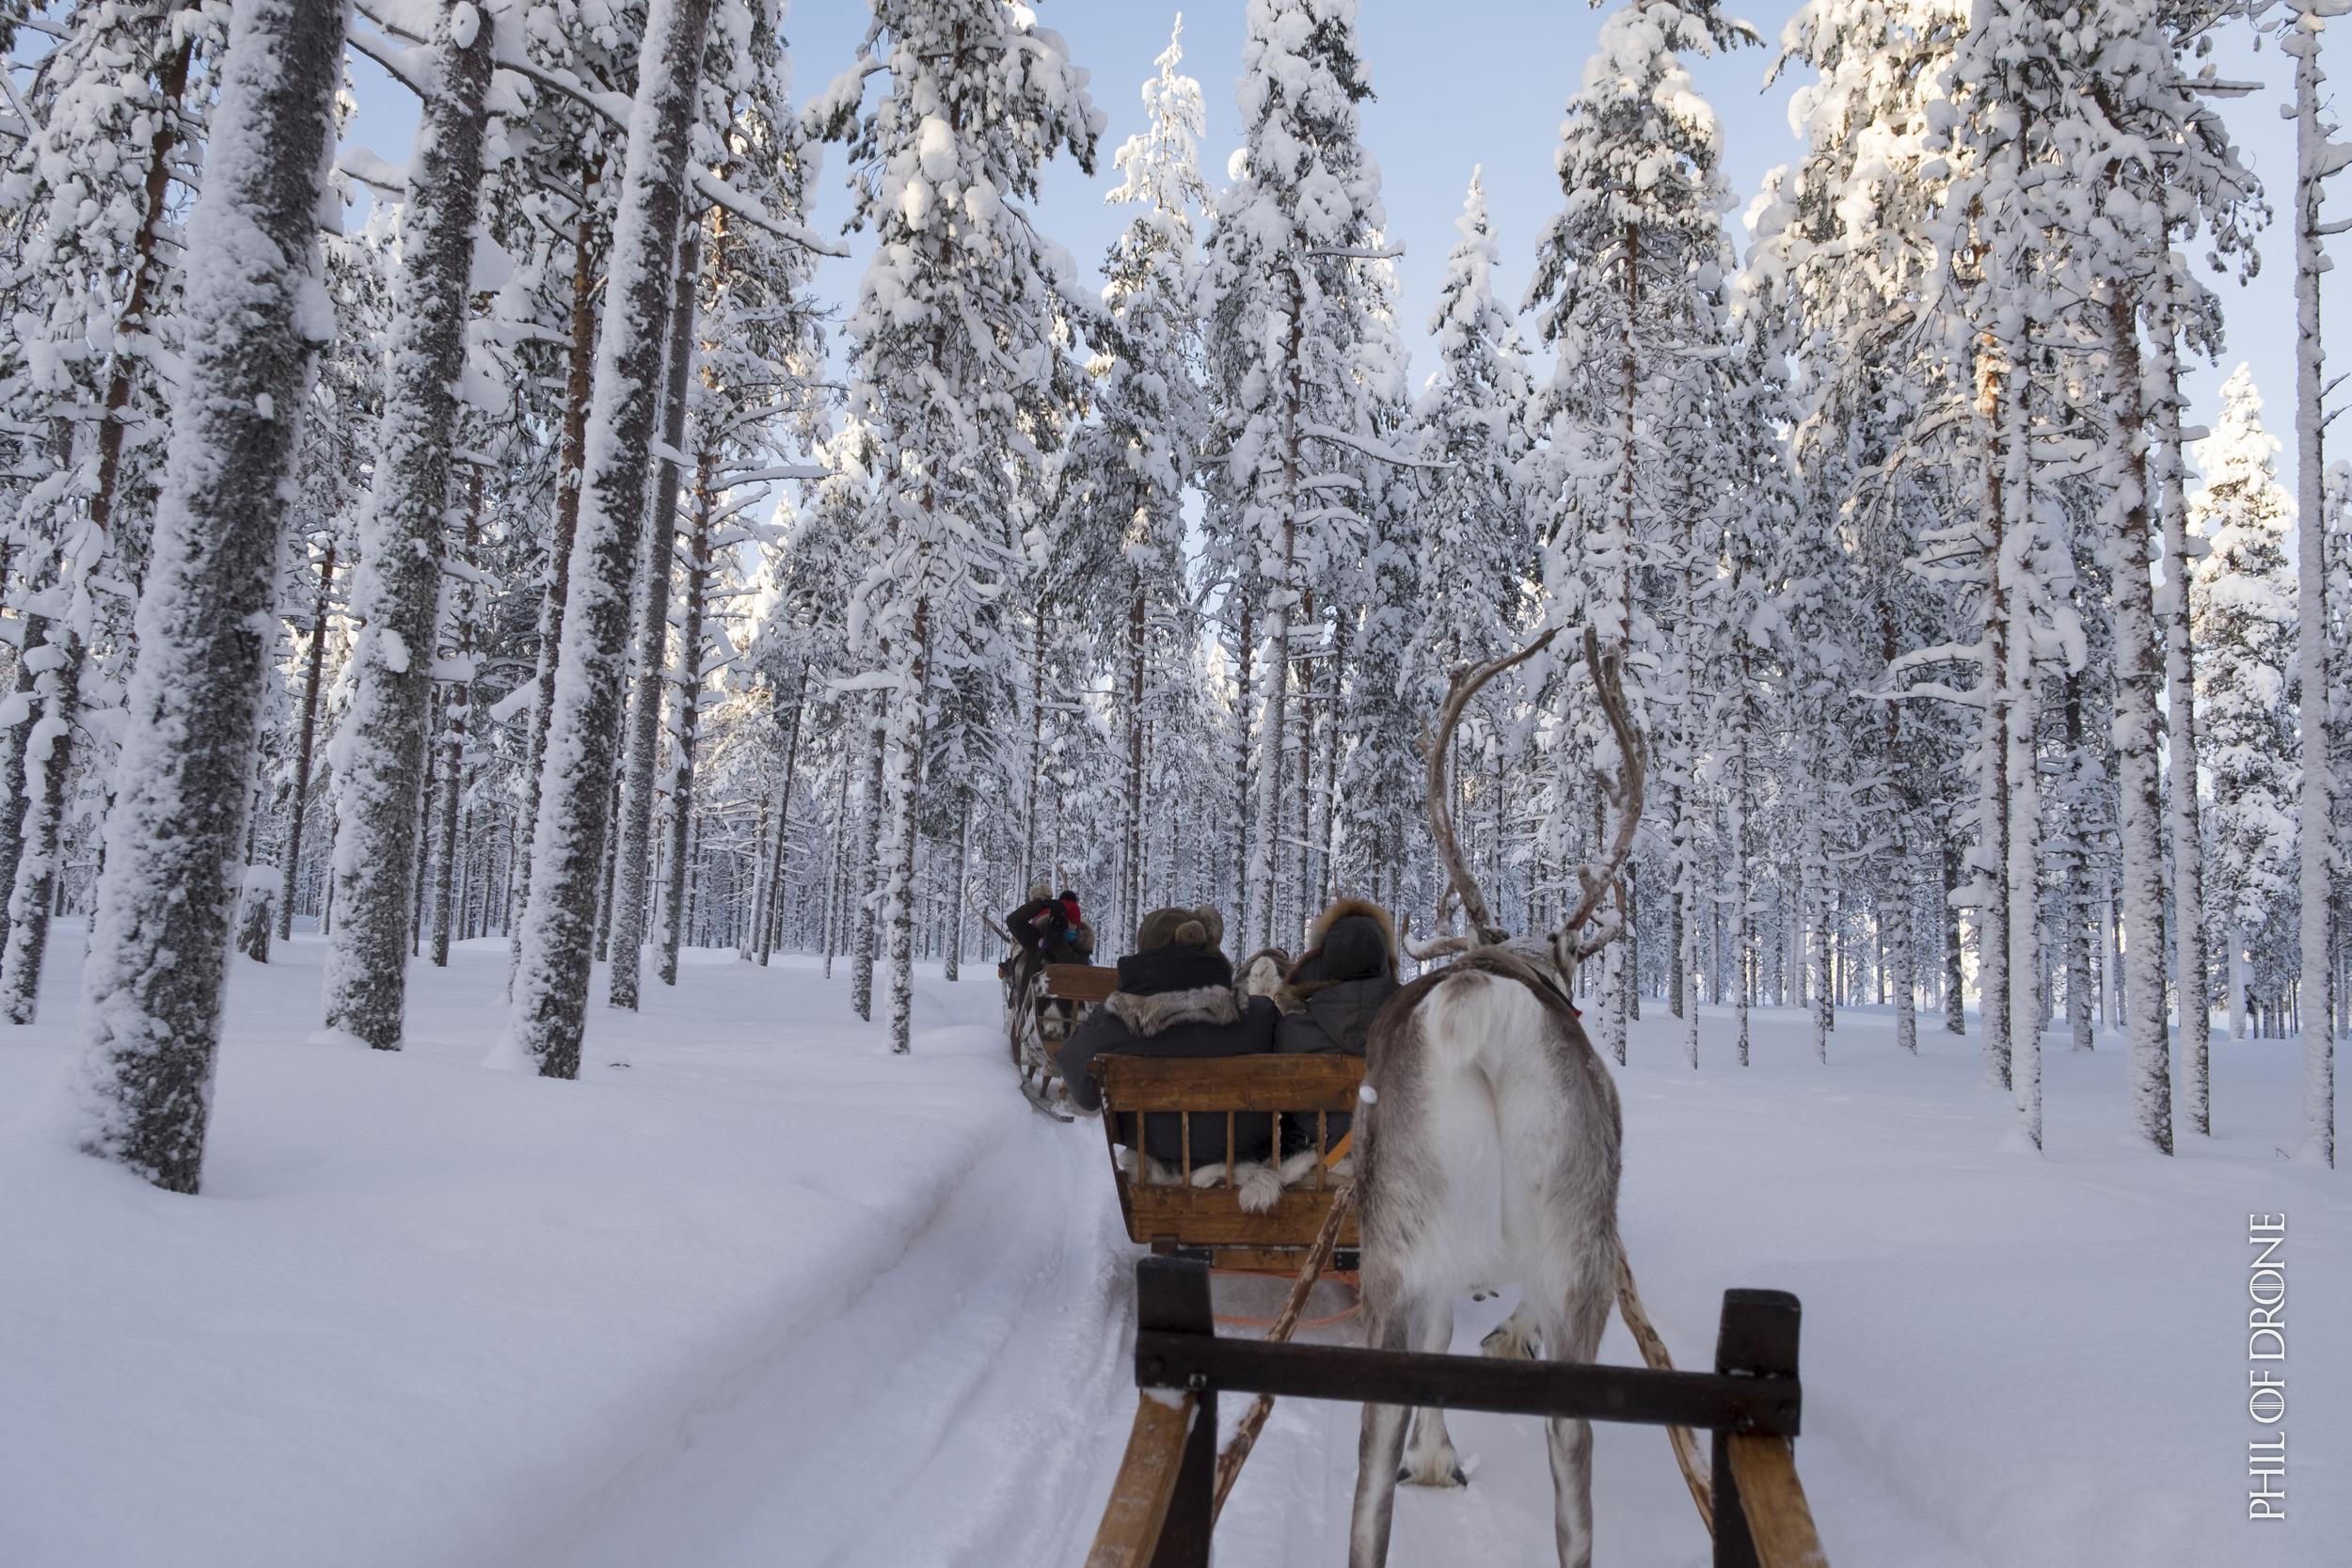 Phil-Finlande 138.jpg